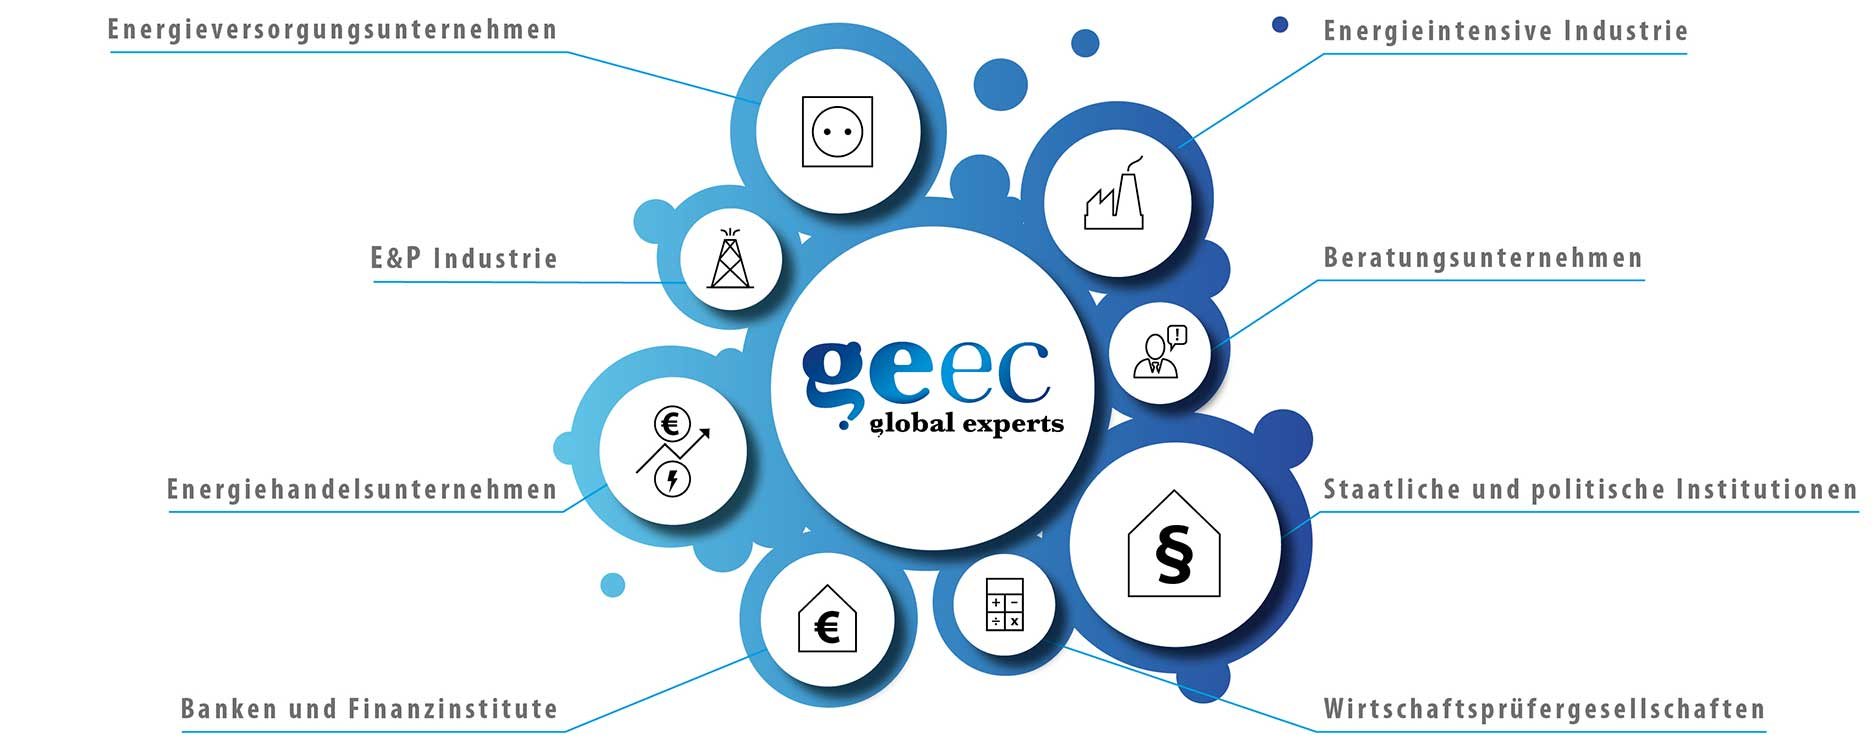 Geec Kunden